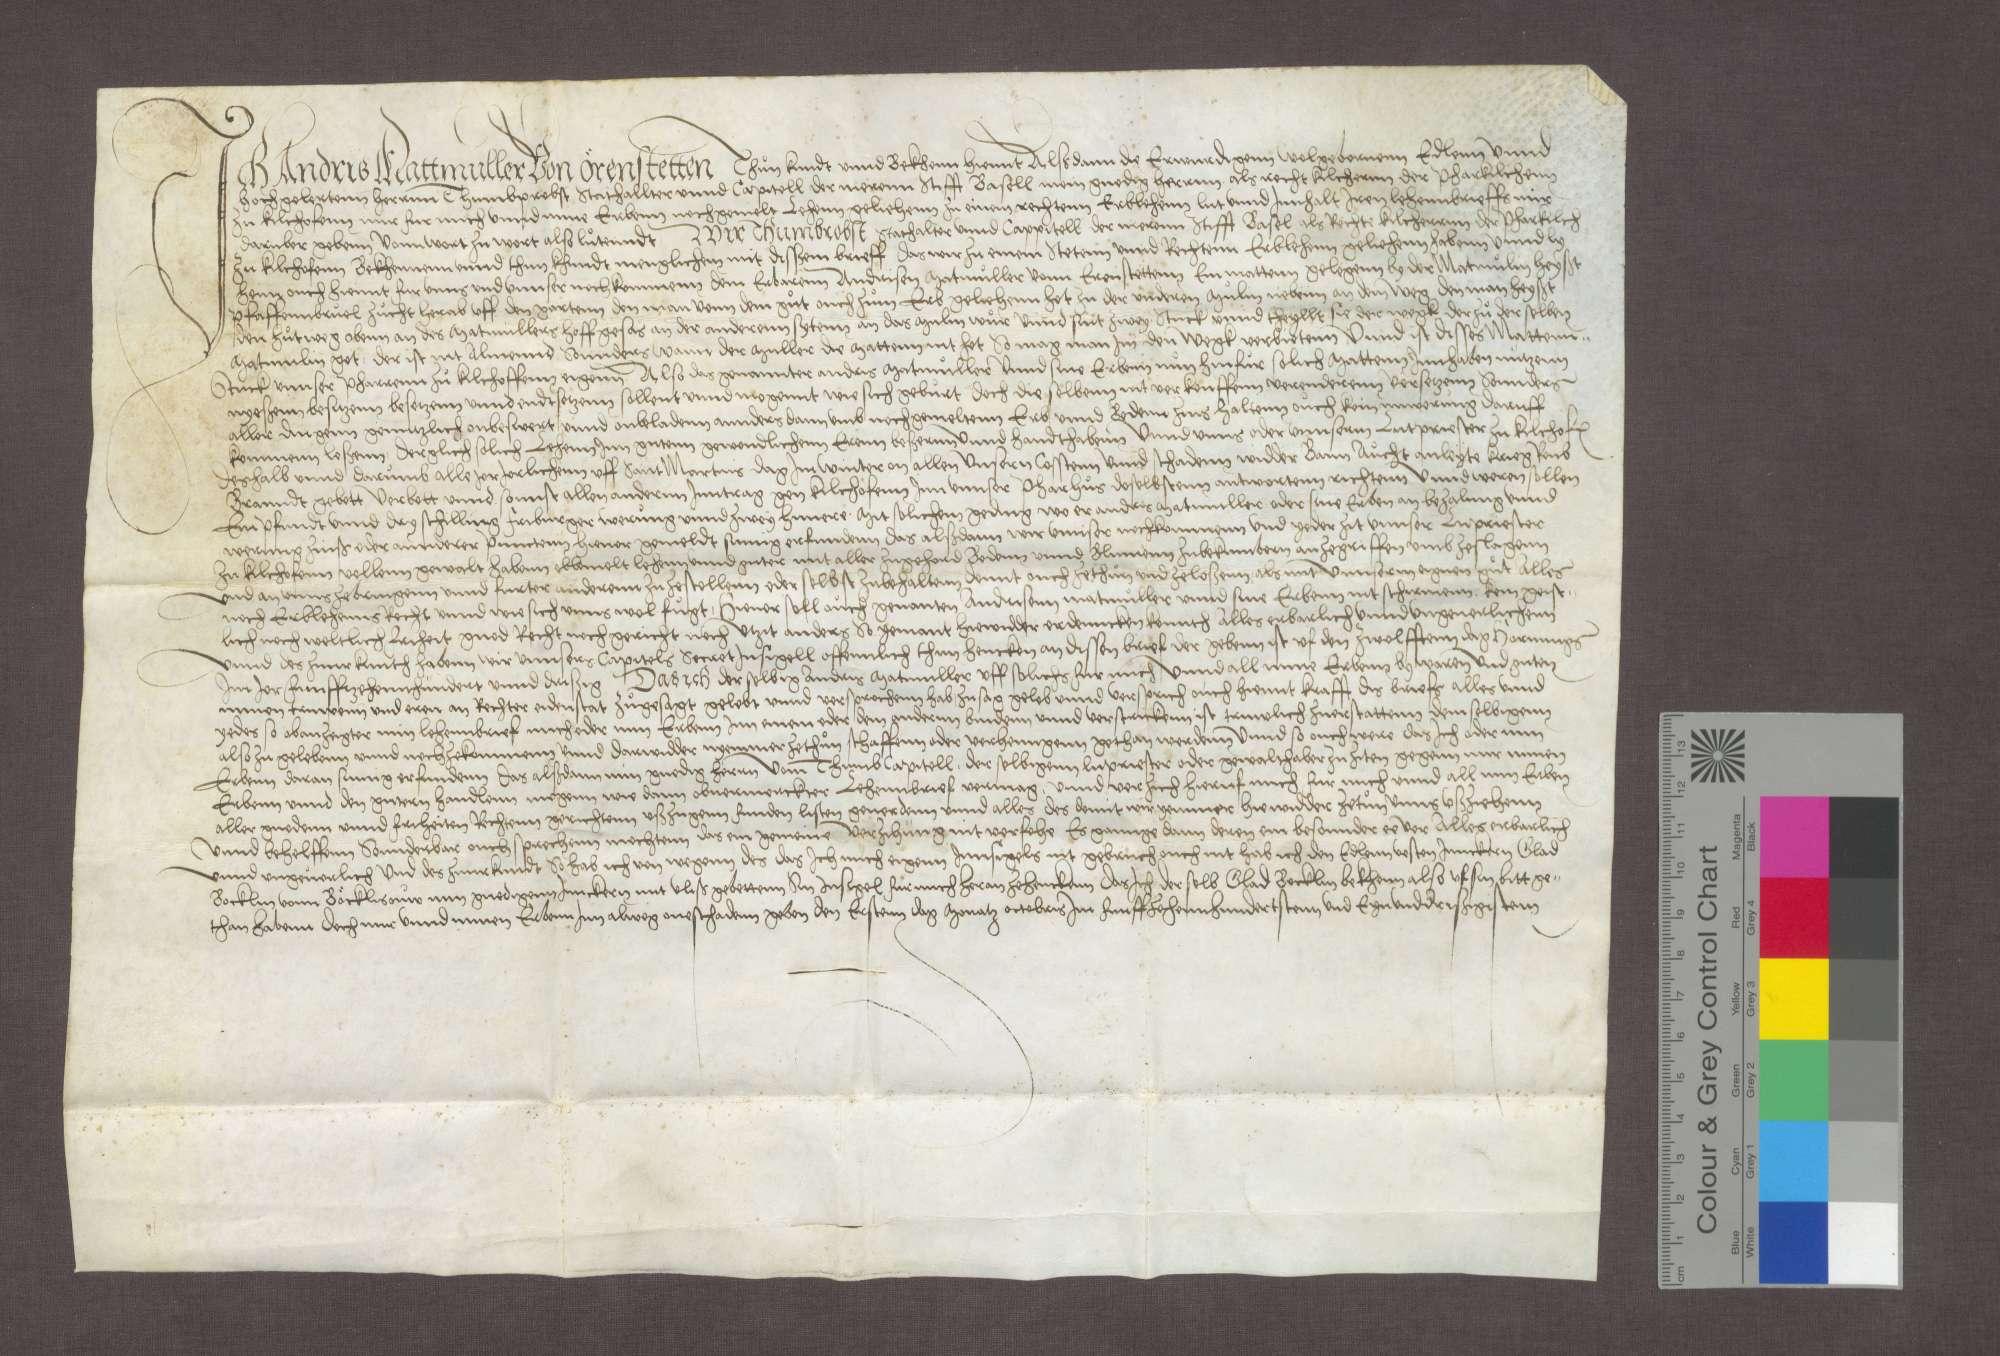 Lehnrevers des Andris Matmüller zu Ehrenstetten gegenüber dem Domkapitel zu Basel als Kirchherrn zu Kirchhofen., Bild 1